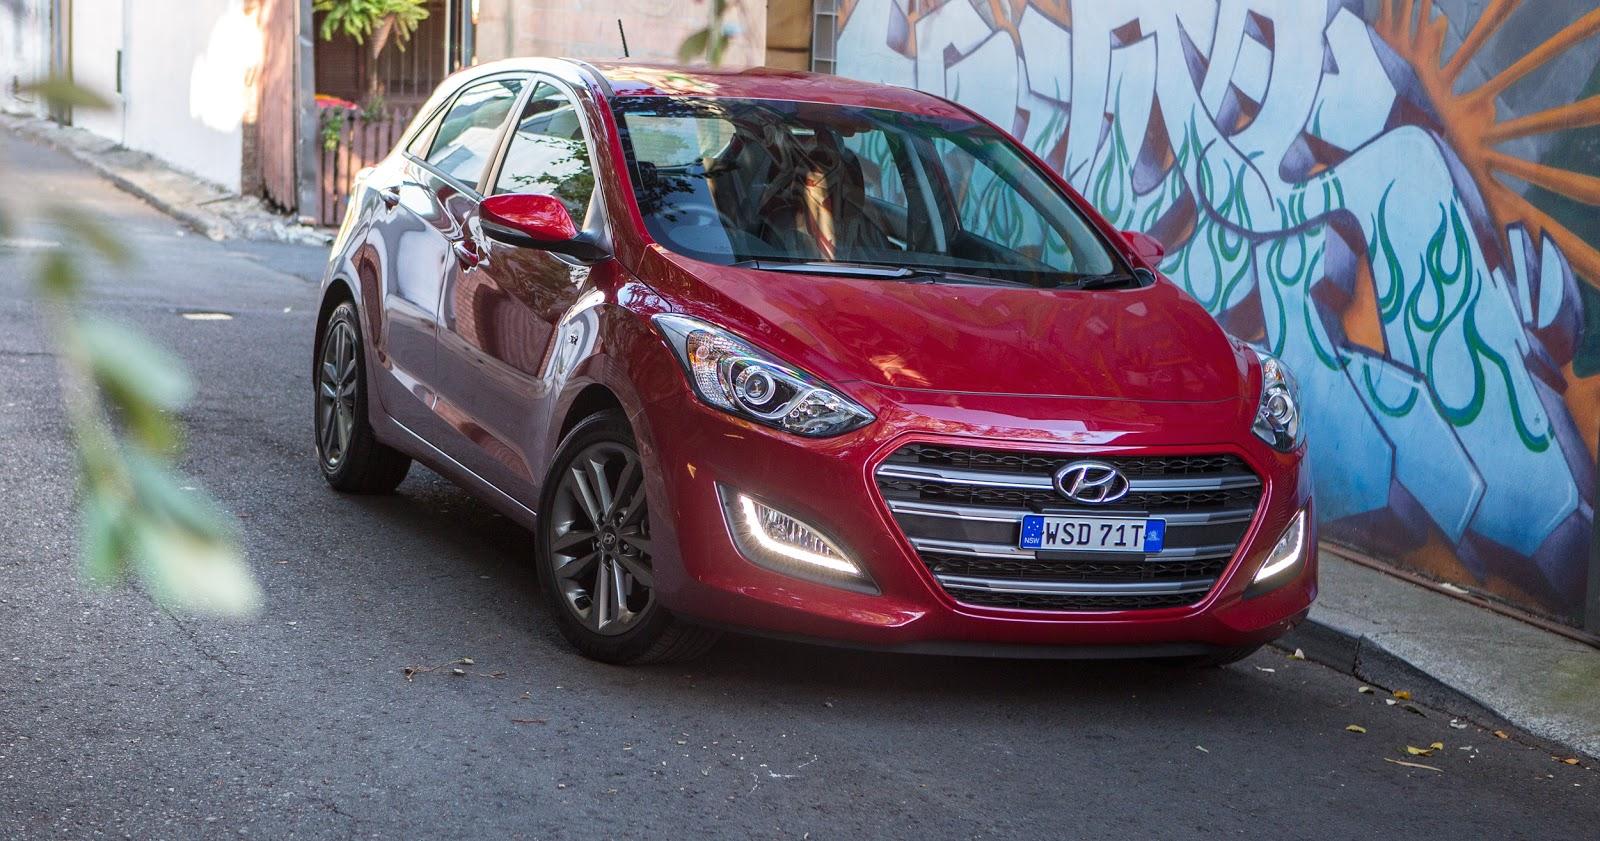 Đánh giá xe Hyundai i30 2016